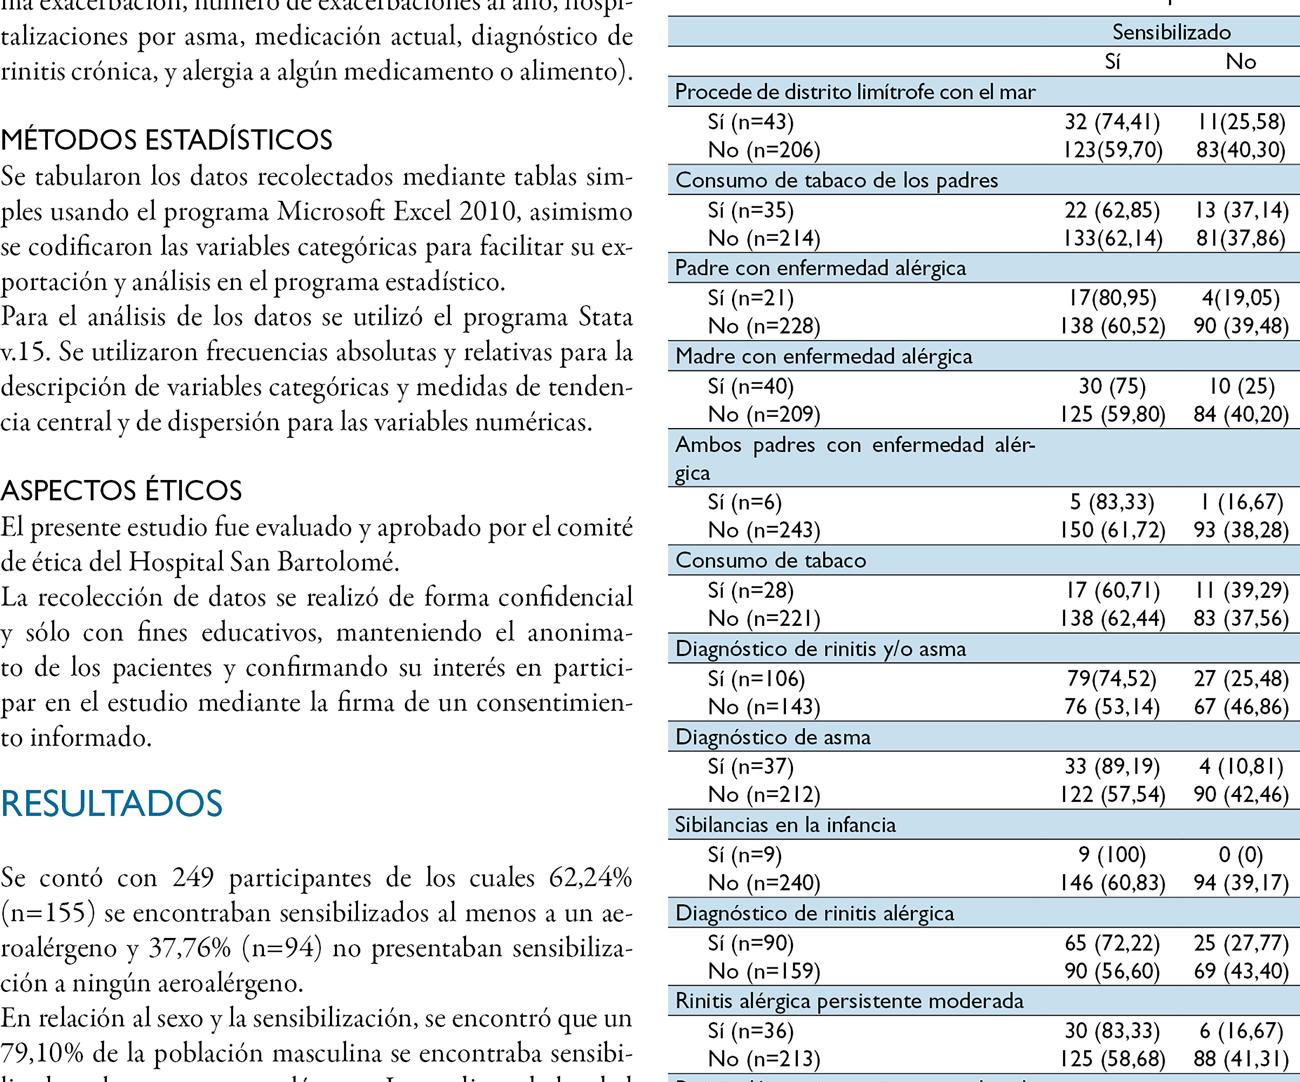 Perfil de sensibilización atópica  a aeroalérgenos en estudiantes  de una universidad de Lima, Perú